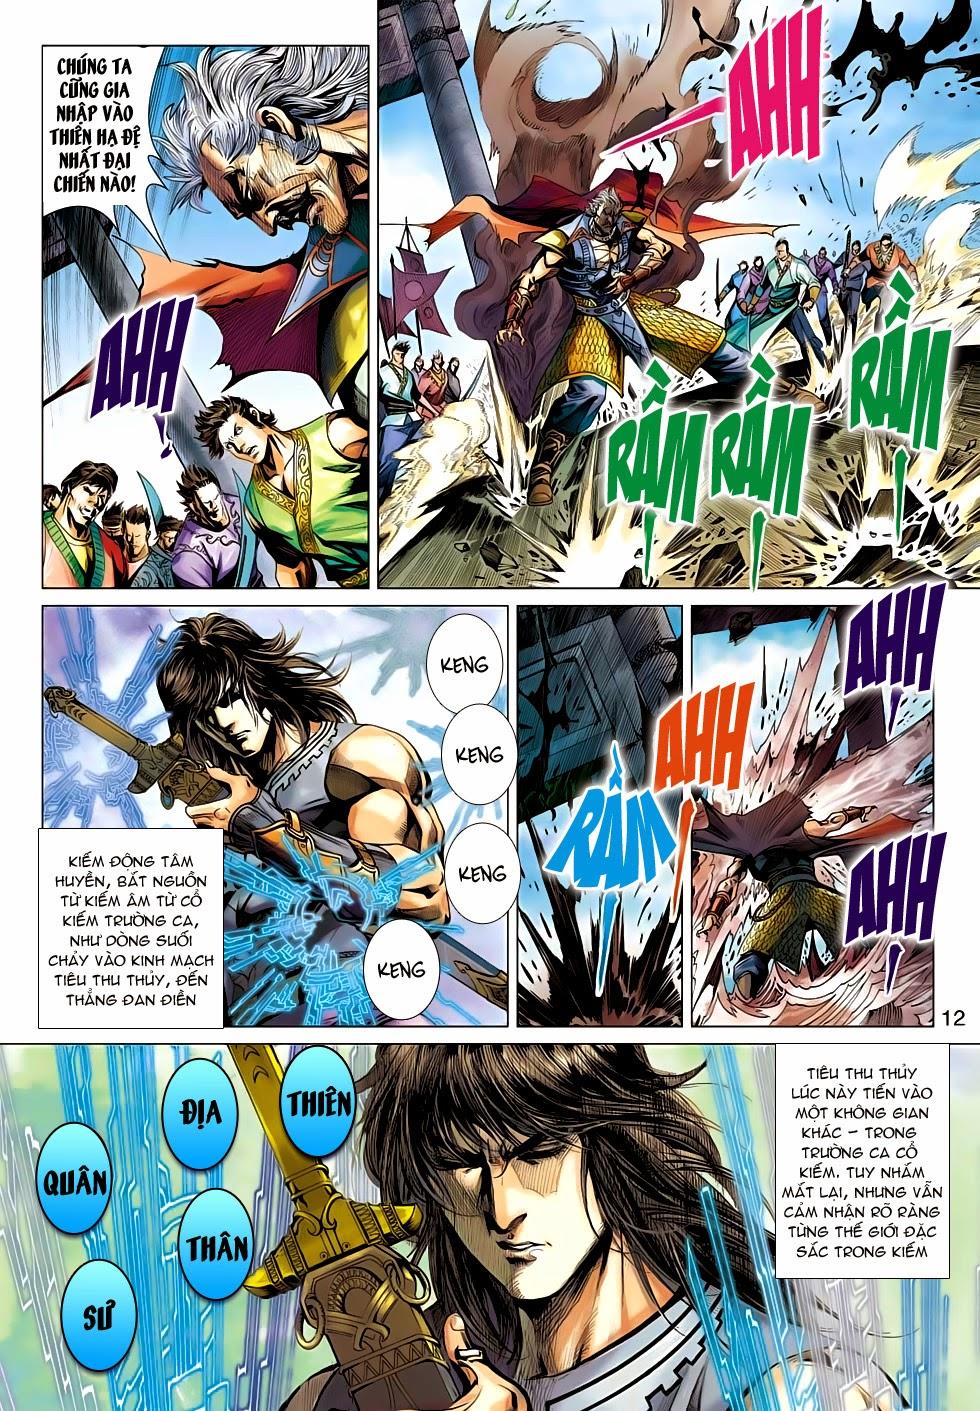 Thần Châu Kỳ Hiệp chap 32 – End Trang 12 - Mangak.info